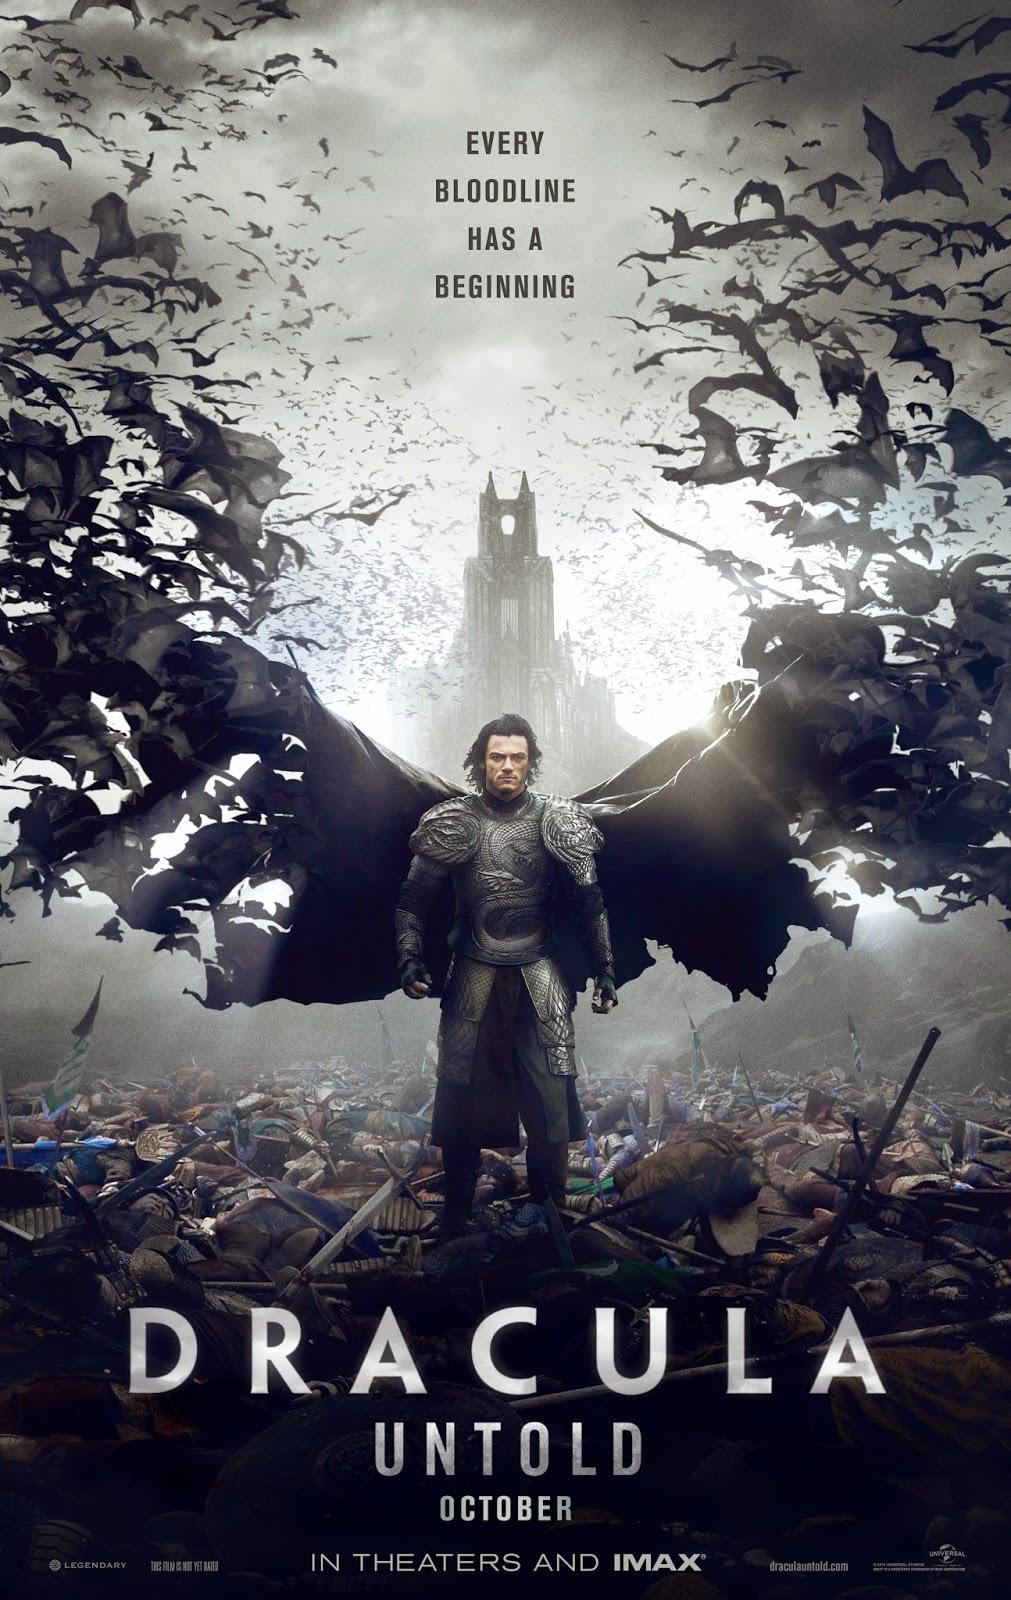 Ác Quỷ Dracula: Huyền Thoại Chưa Kể ...